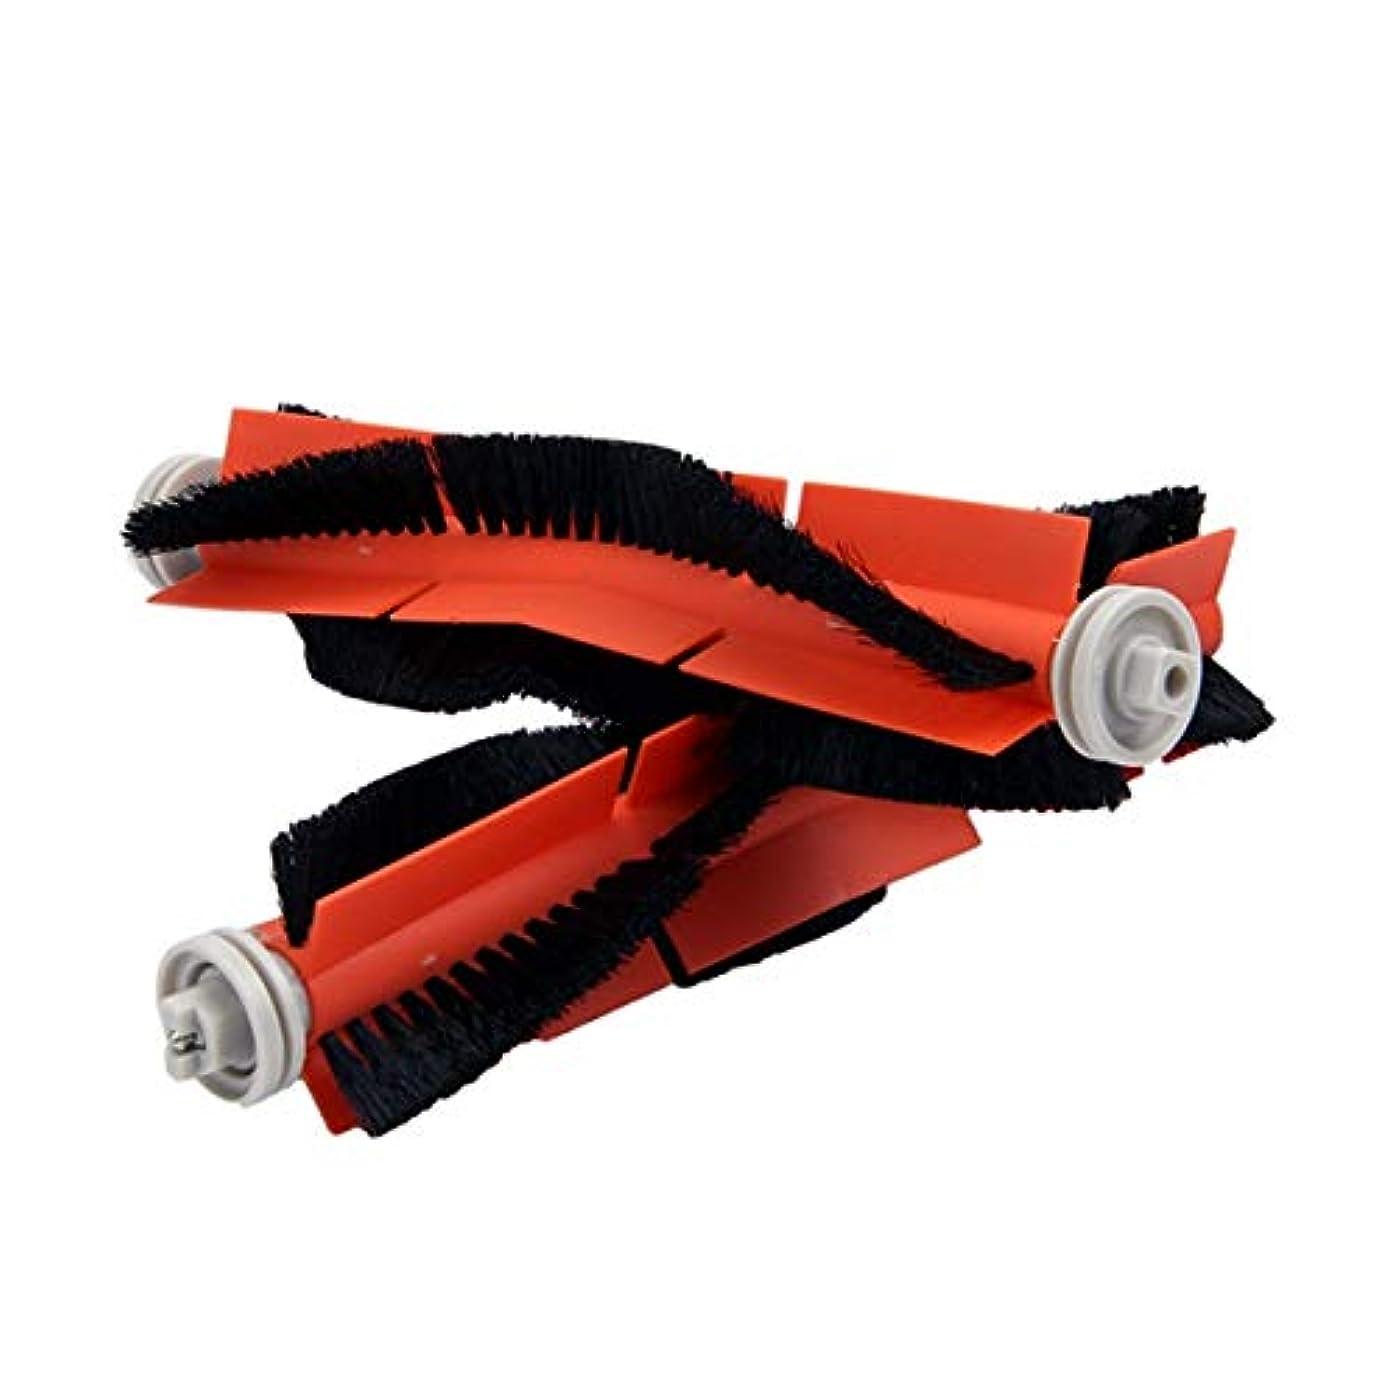 ピグマリオン議題裏切るACAMPTAR 掃除機部品アクセサリー / roborock用アクセサリー3 本 サイドブラシ2個 HEPAフィルター2個 メインブラシ1個 クリーニングツール